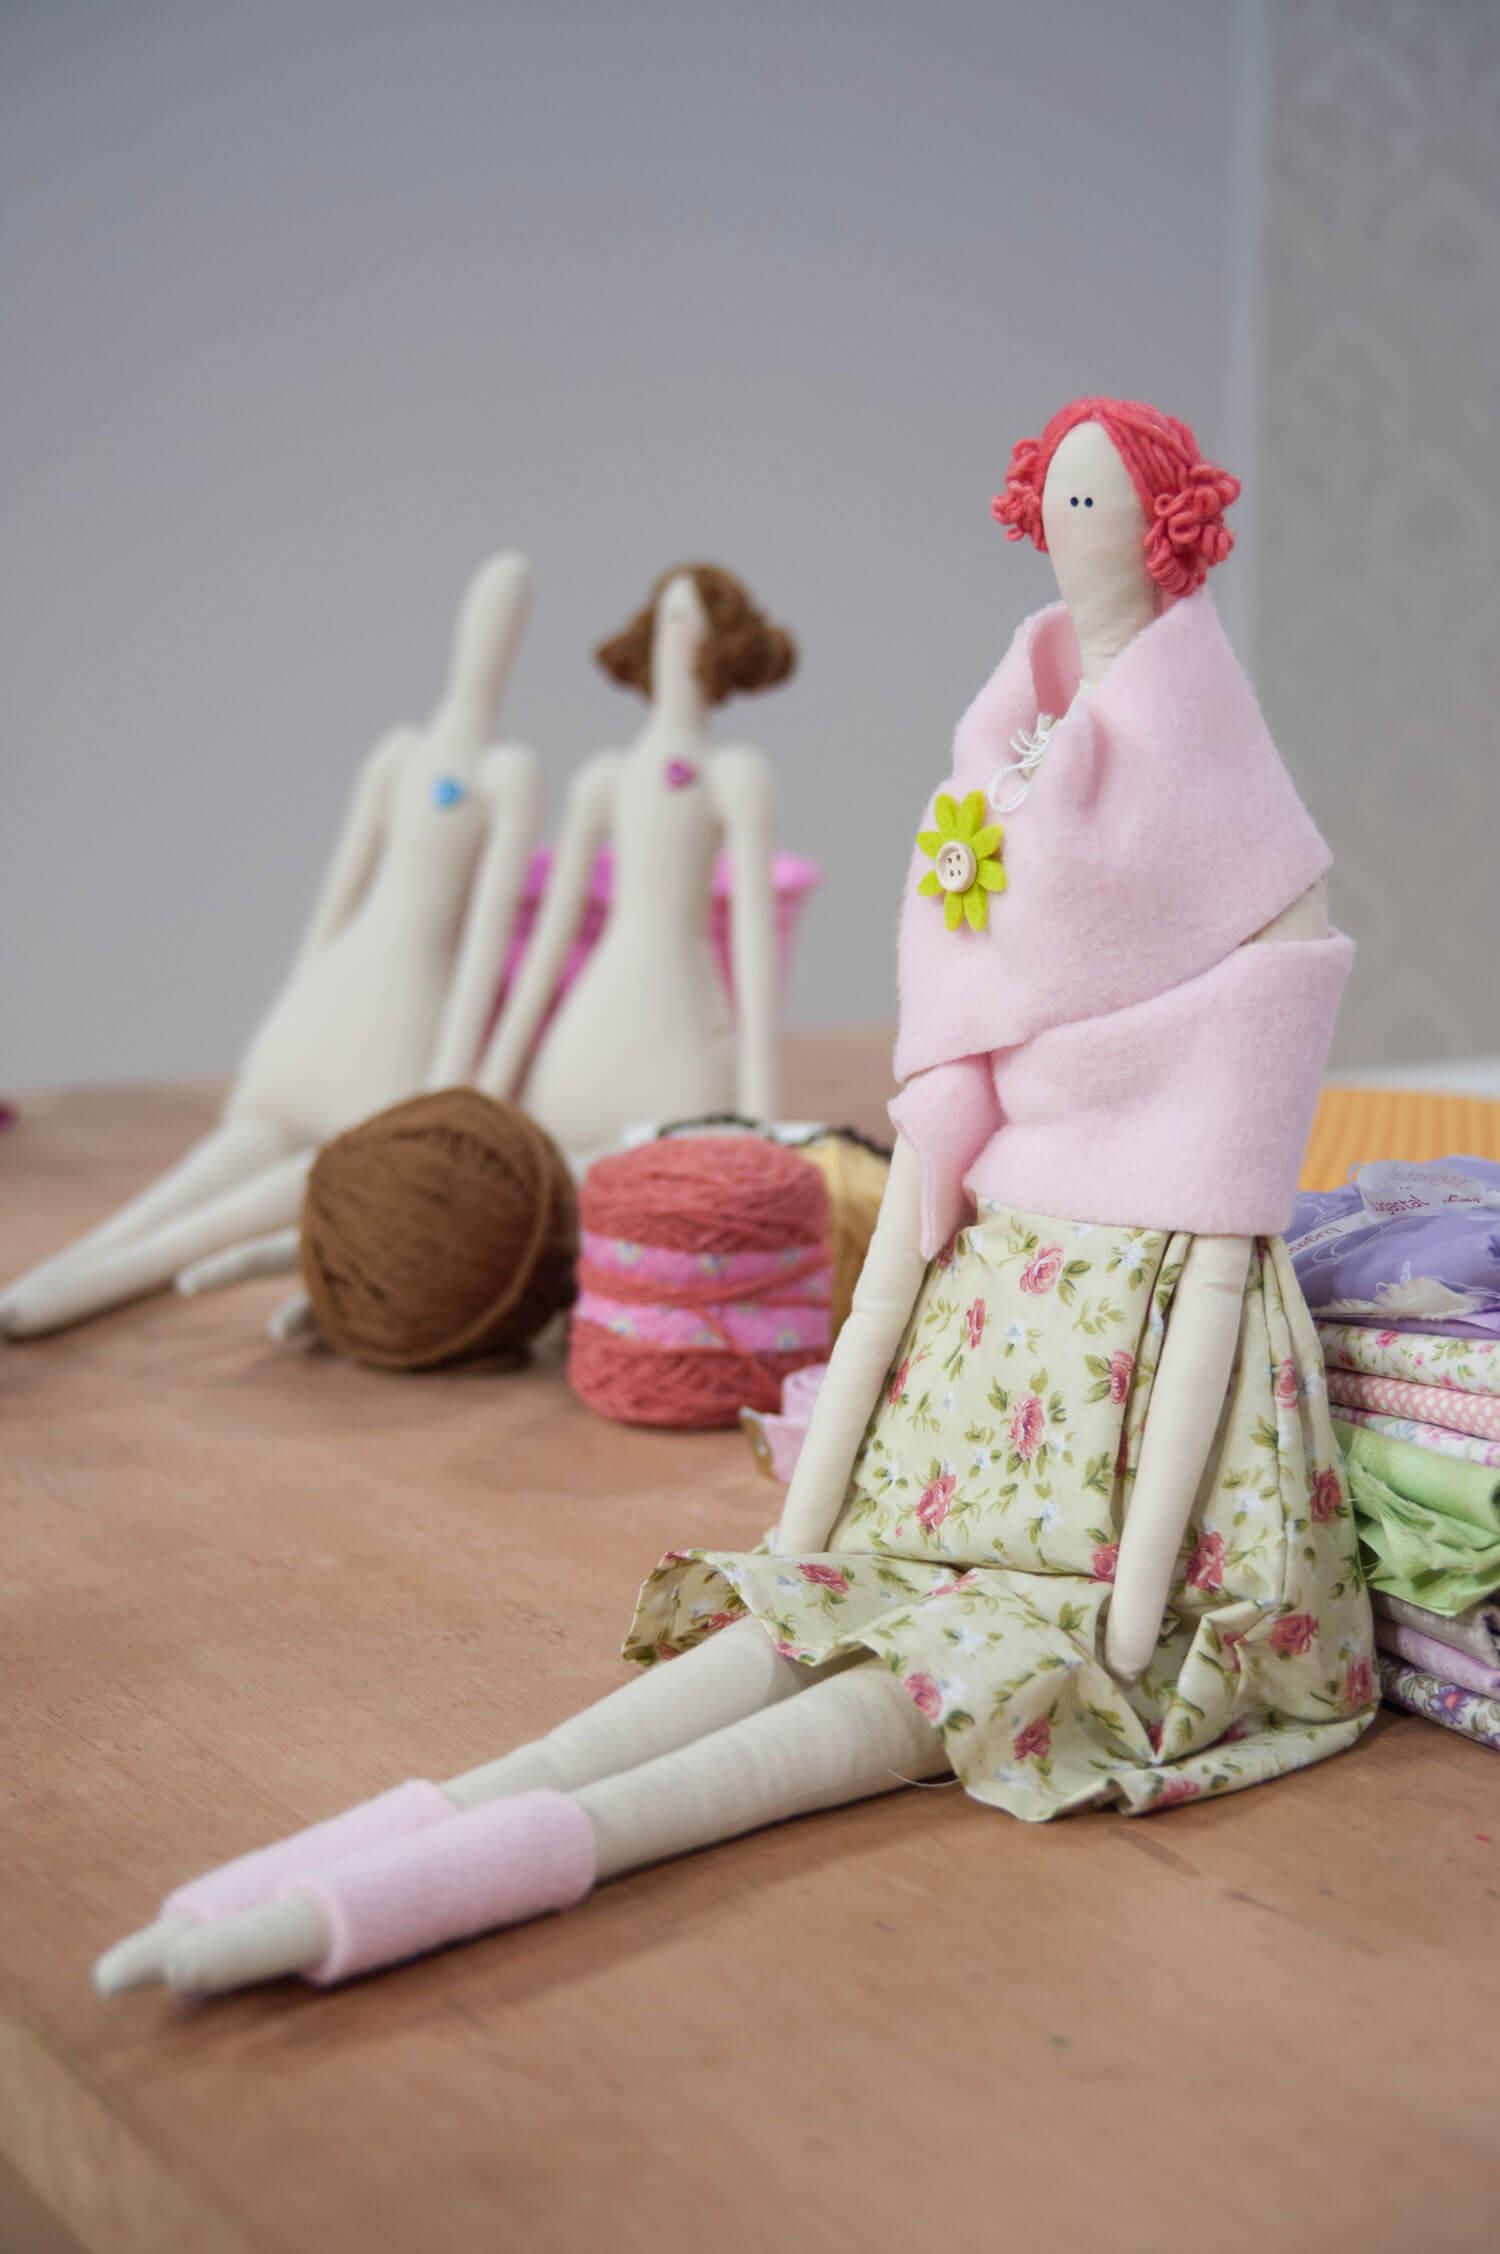 A delicadeza das formas e a combinação de cores e estampas chamam a atenção nestas belas bonecas